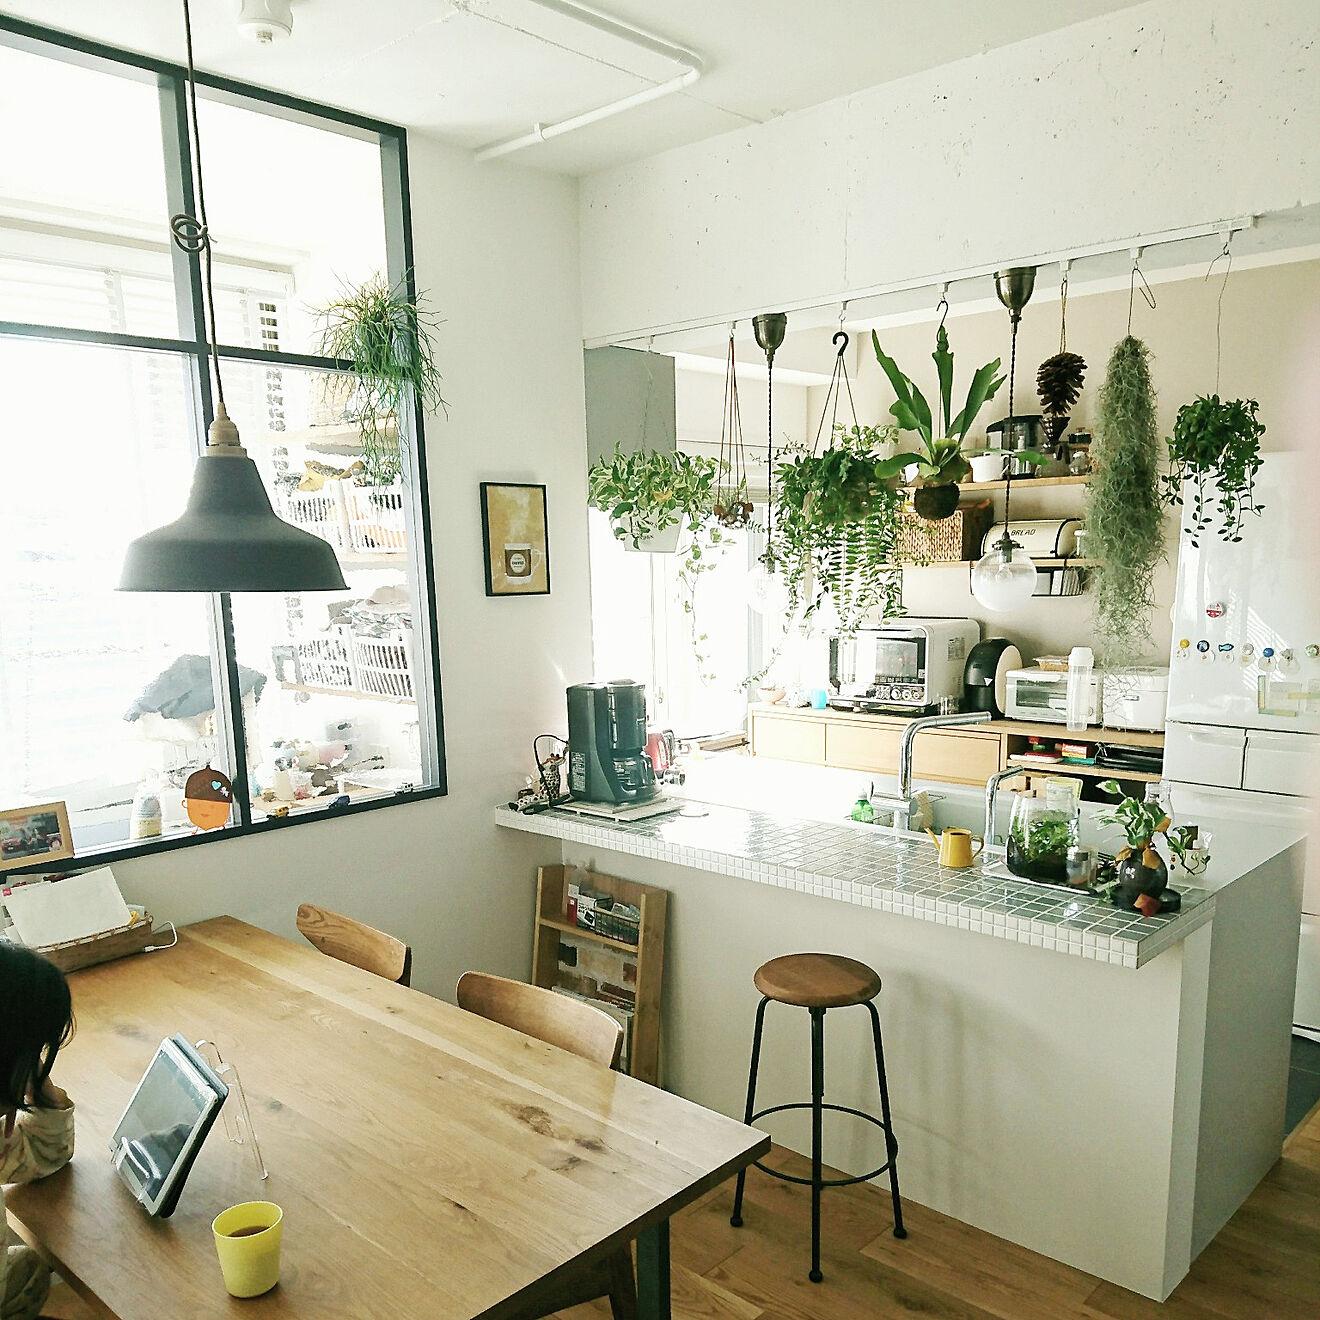 「何をするにも心地良いから、笑顔と緑があふれる明るいキッチン」 by Rrさん